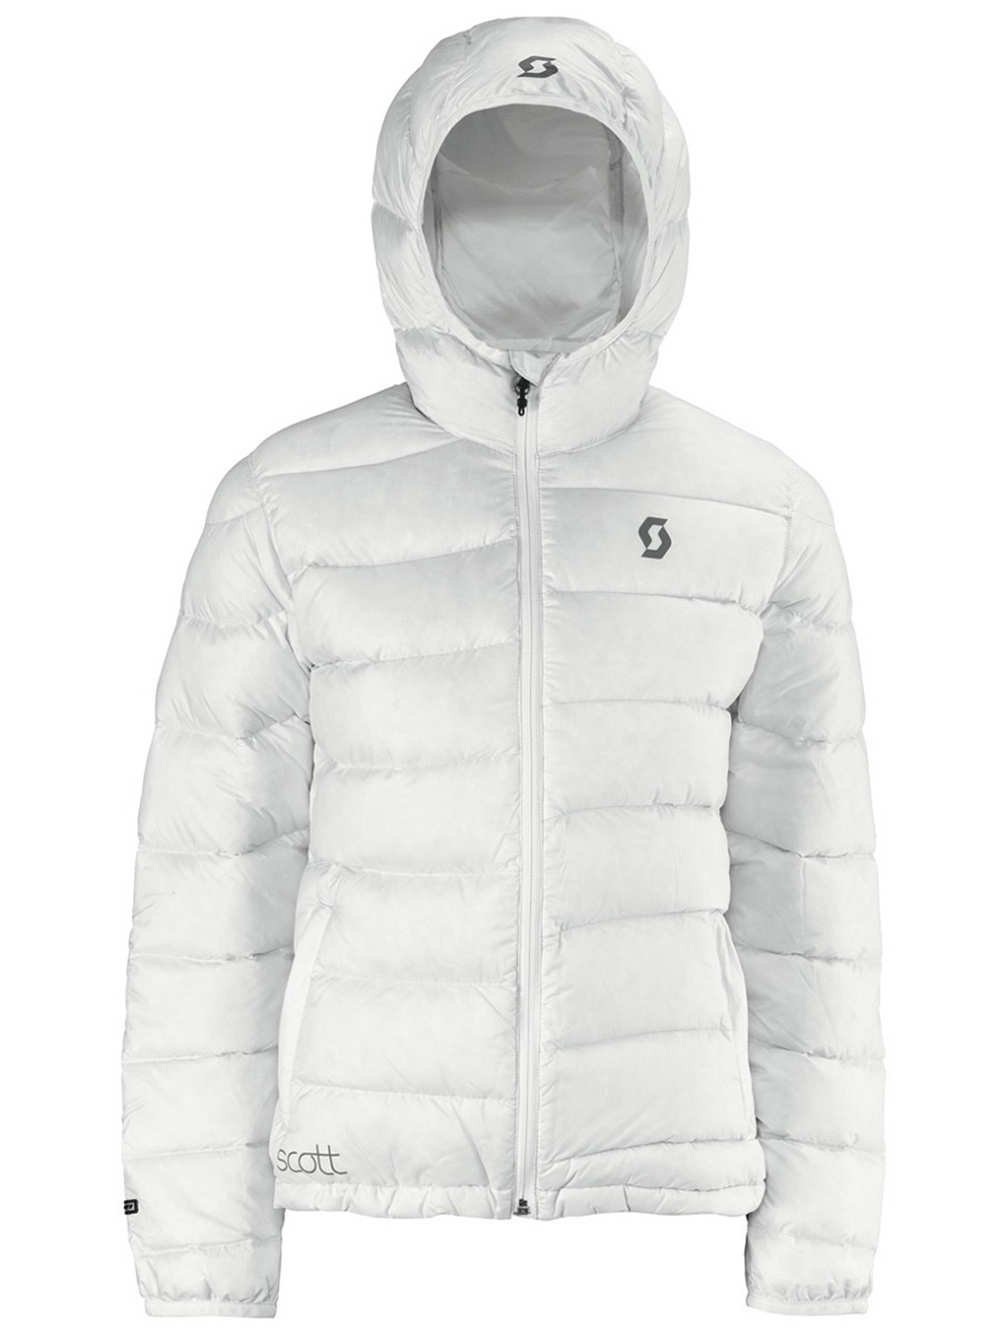 Damen Snowboard Jacke Scott Sawatch Jacket kaufen